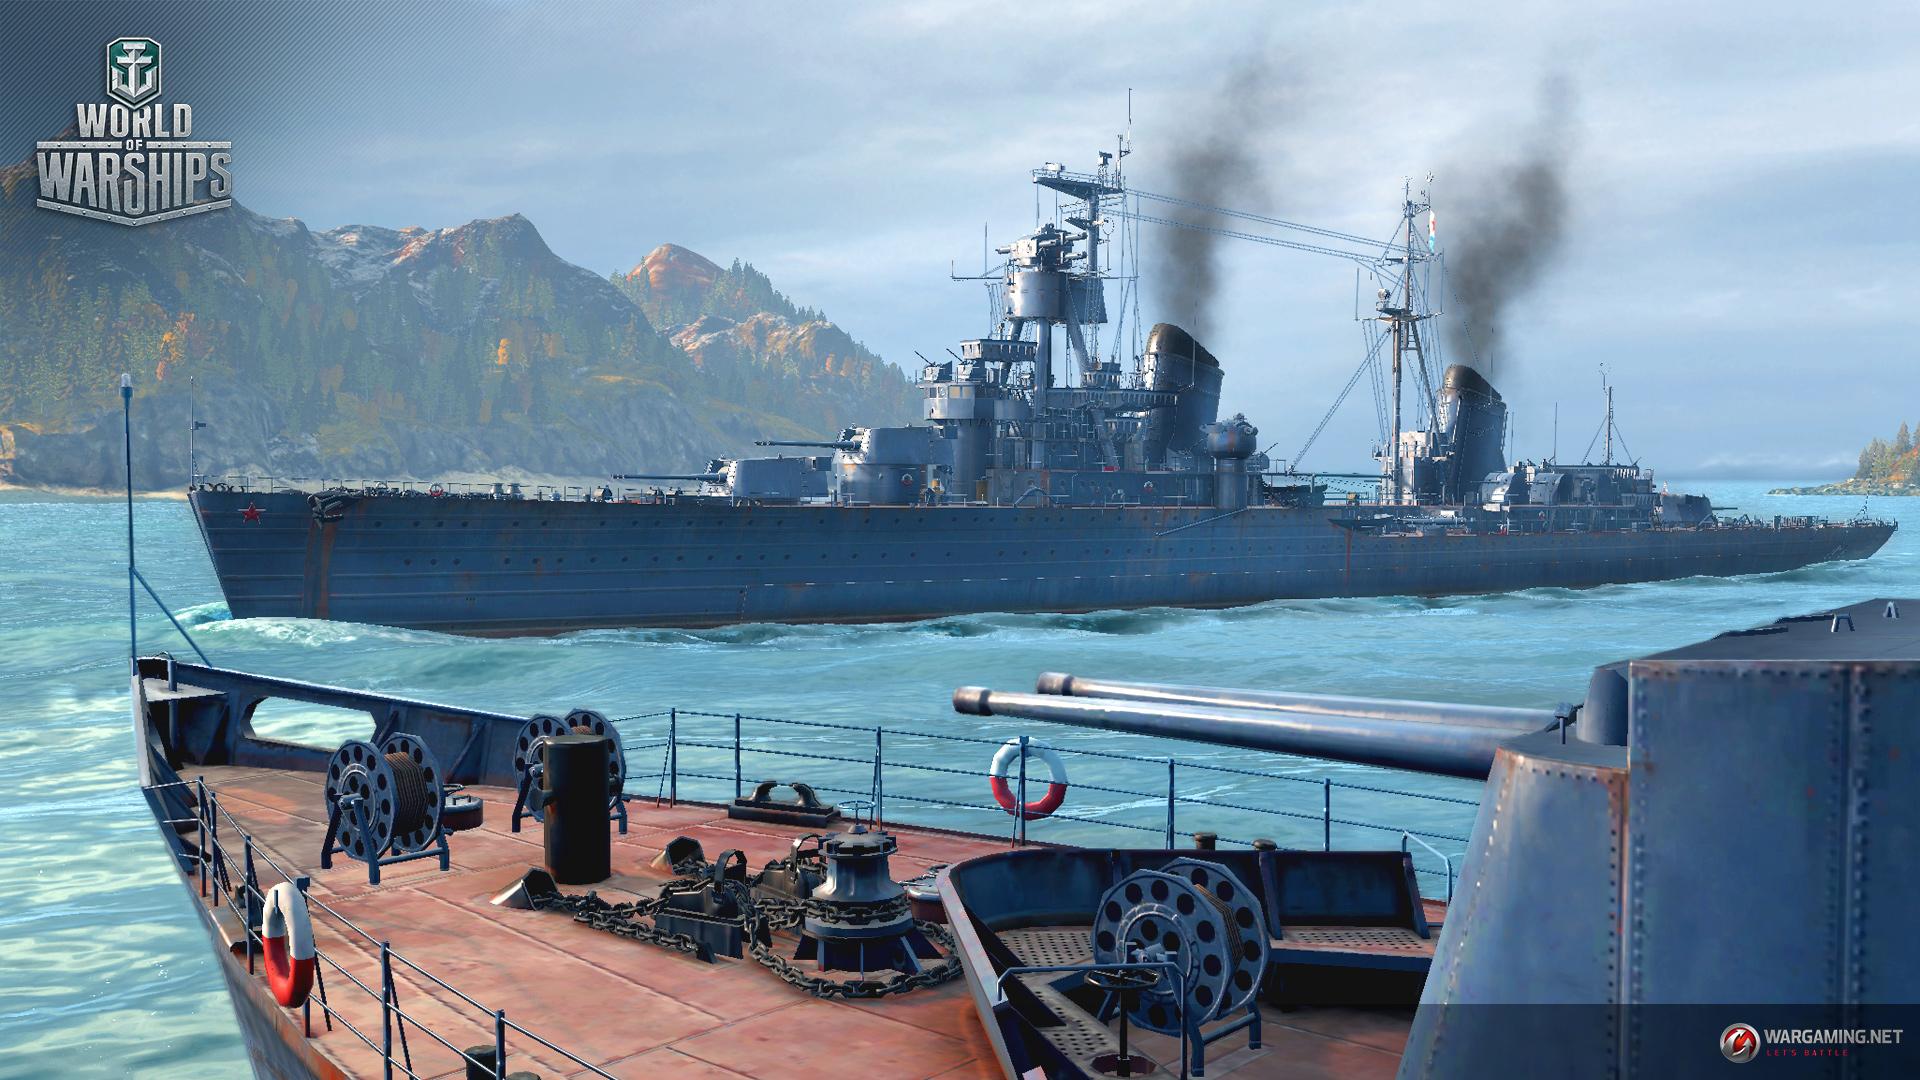 Crucişătoarele Sovietice dezlănţuite în World of Warships!